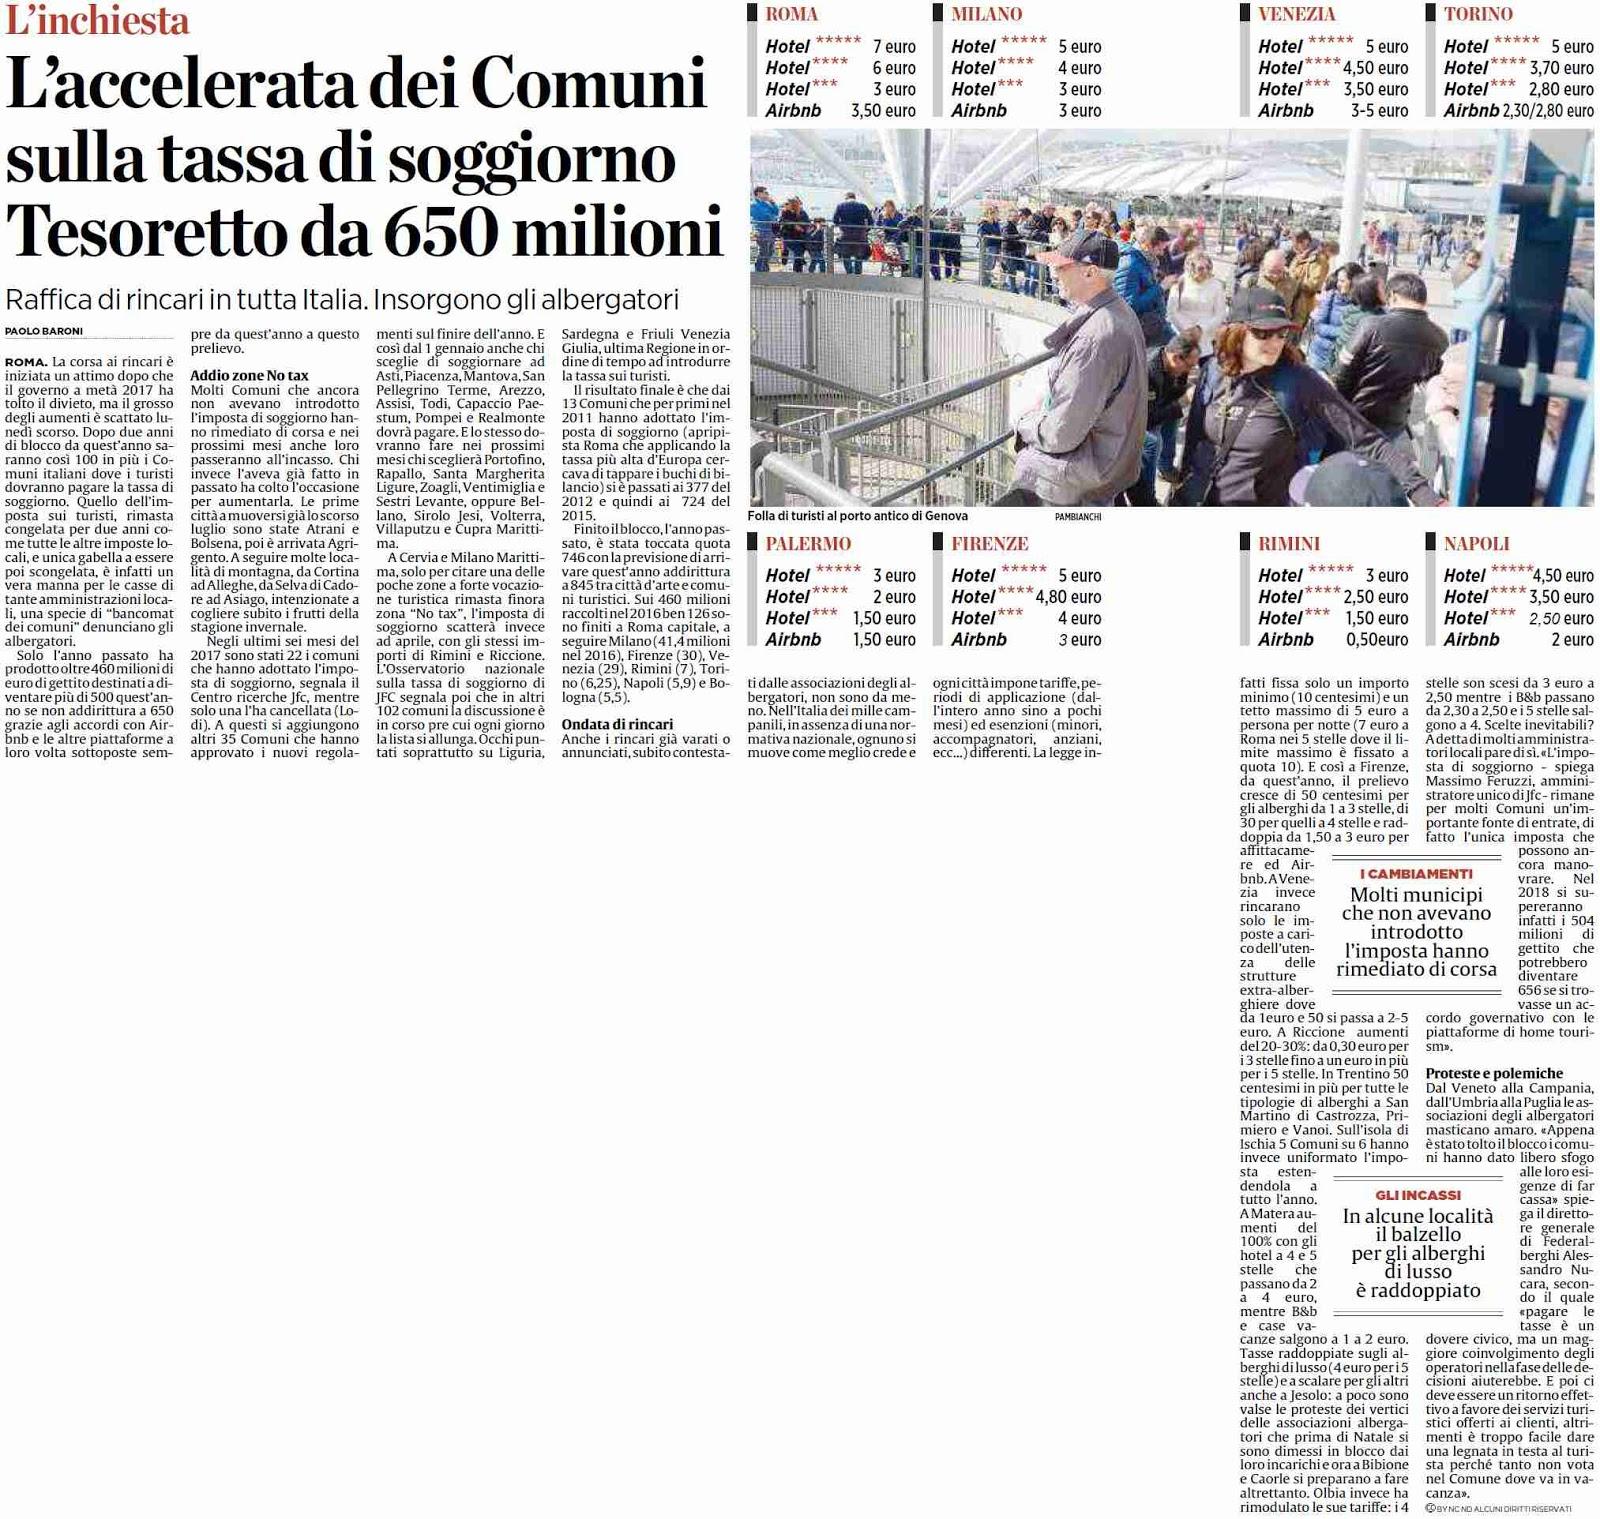 Best Roma Tassa Di Soggiorno Images - Casa & Design 2018 ...